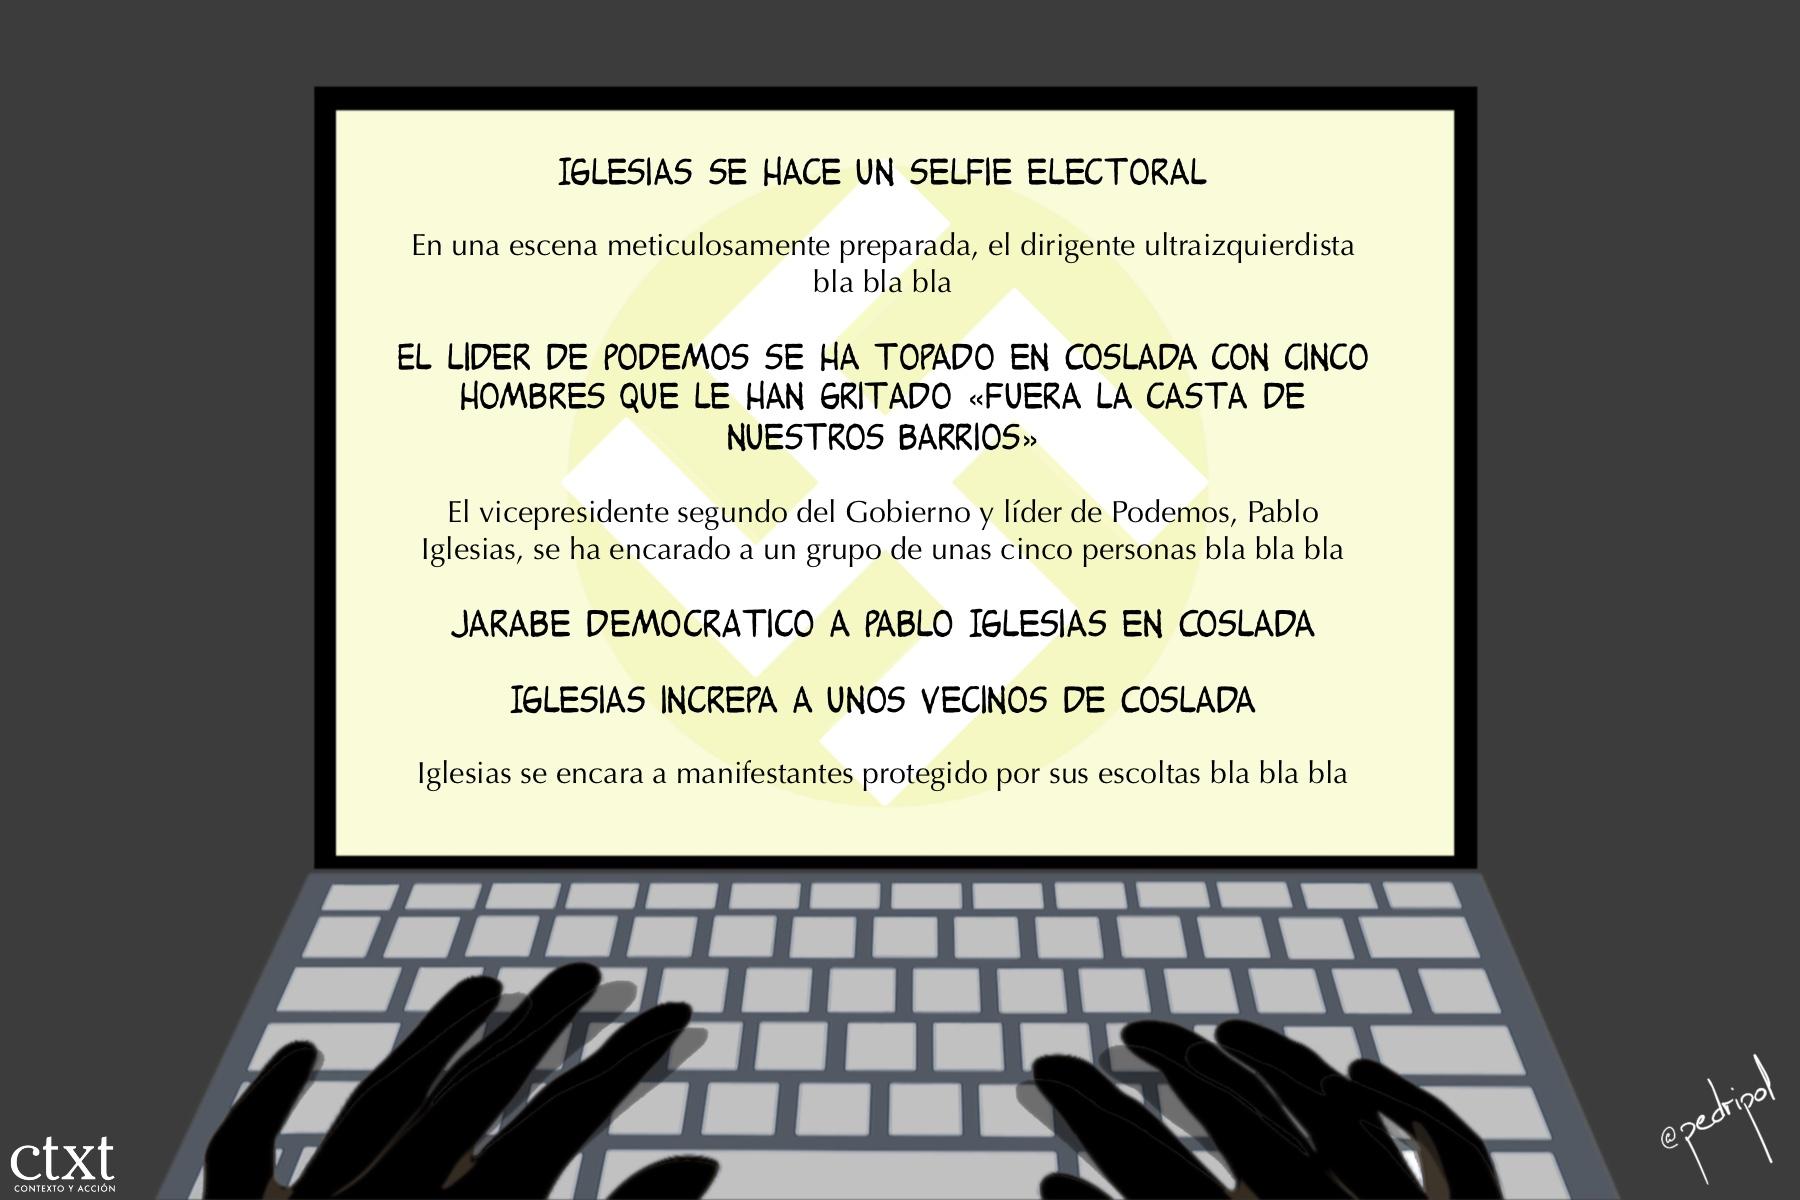 <p>Pablo Iglesias, Periodismo, fascismo</p>